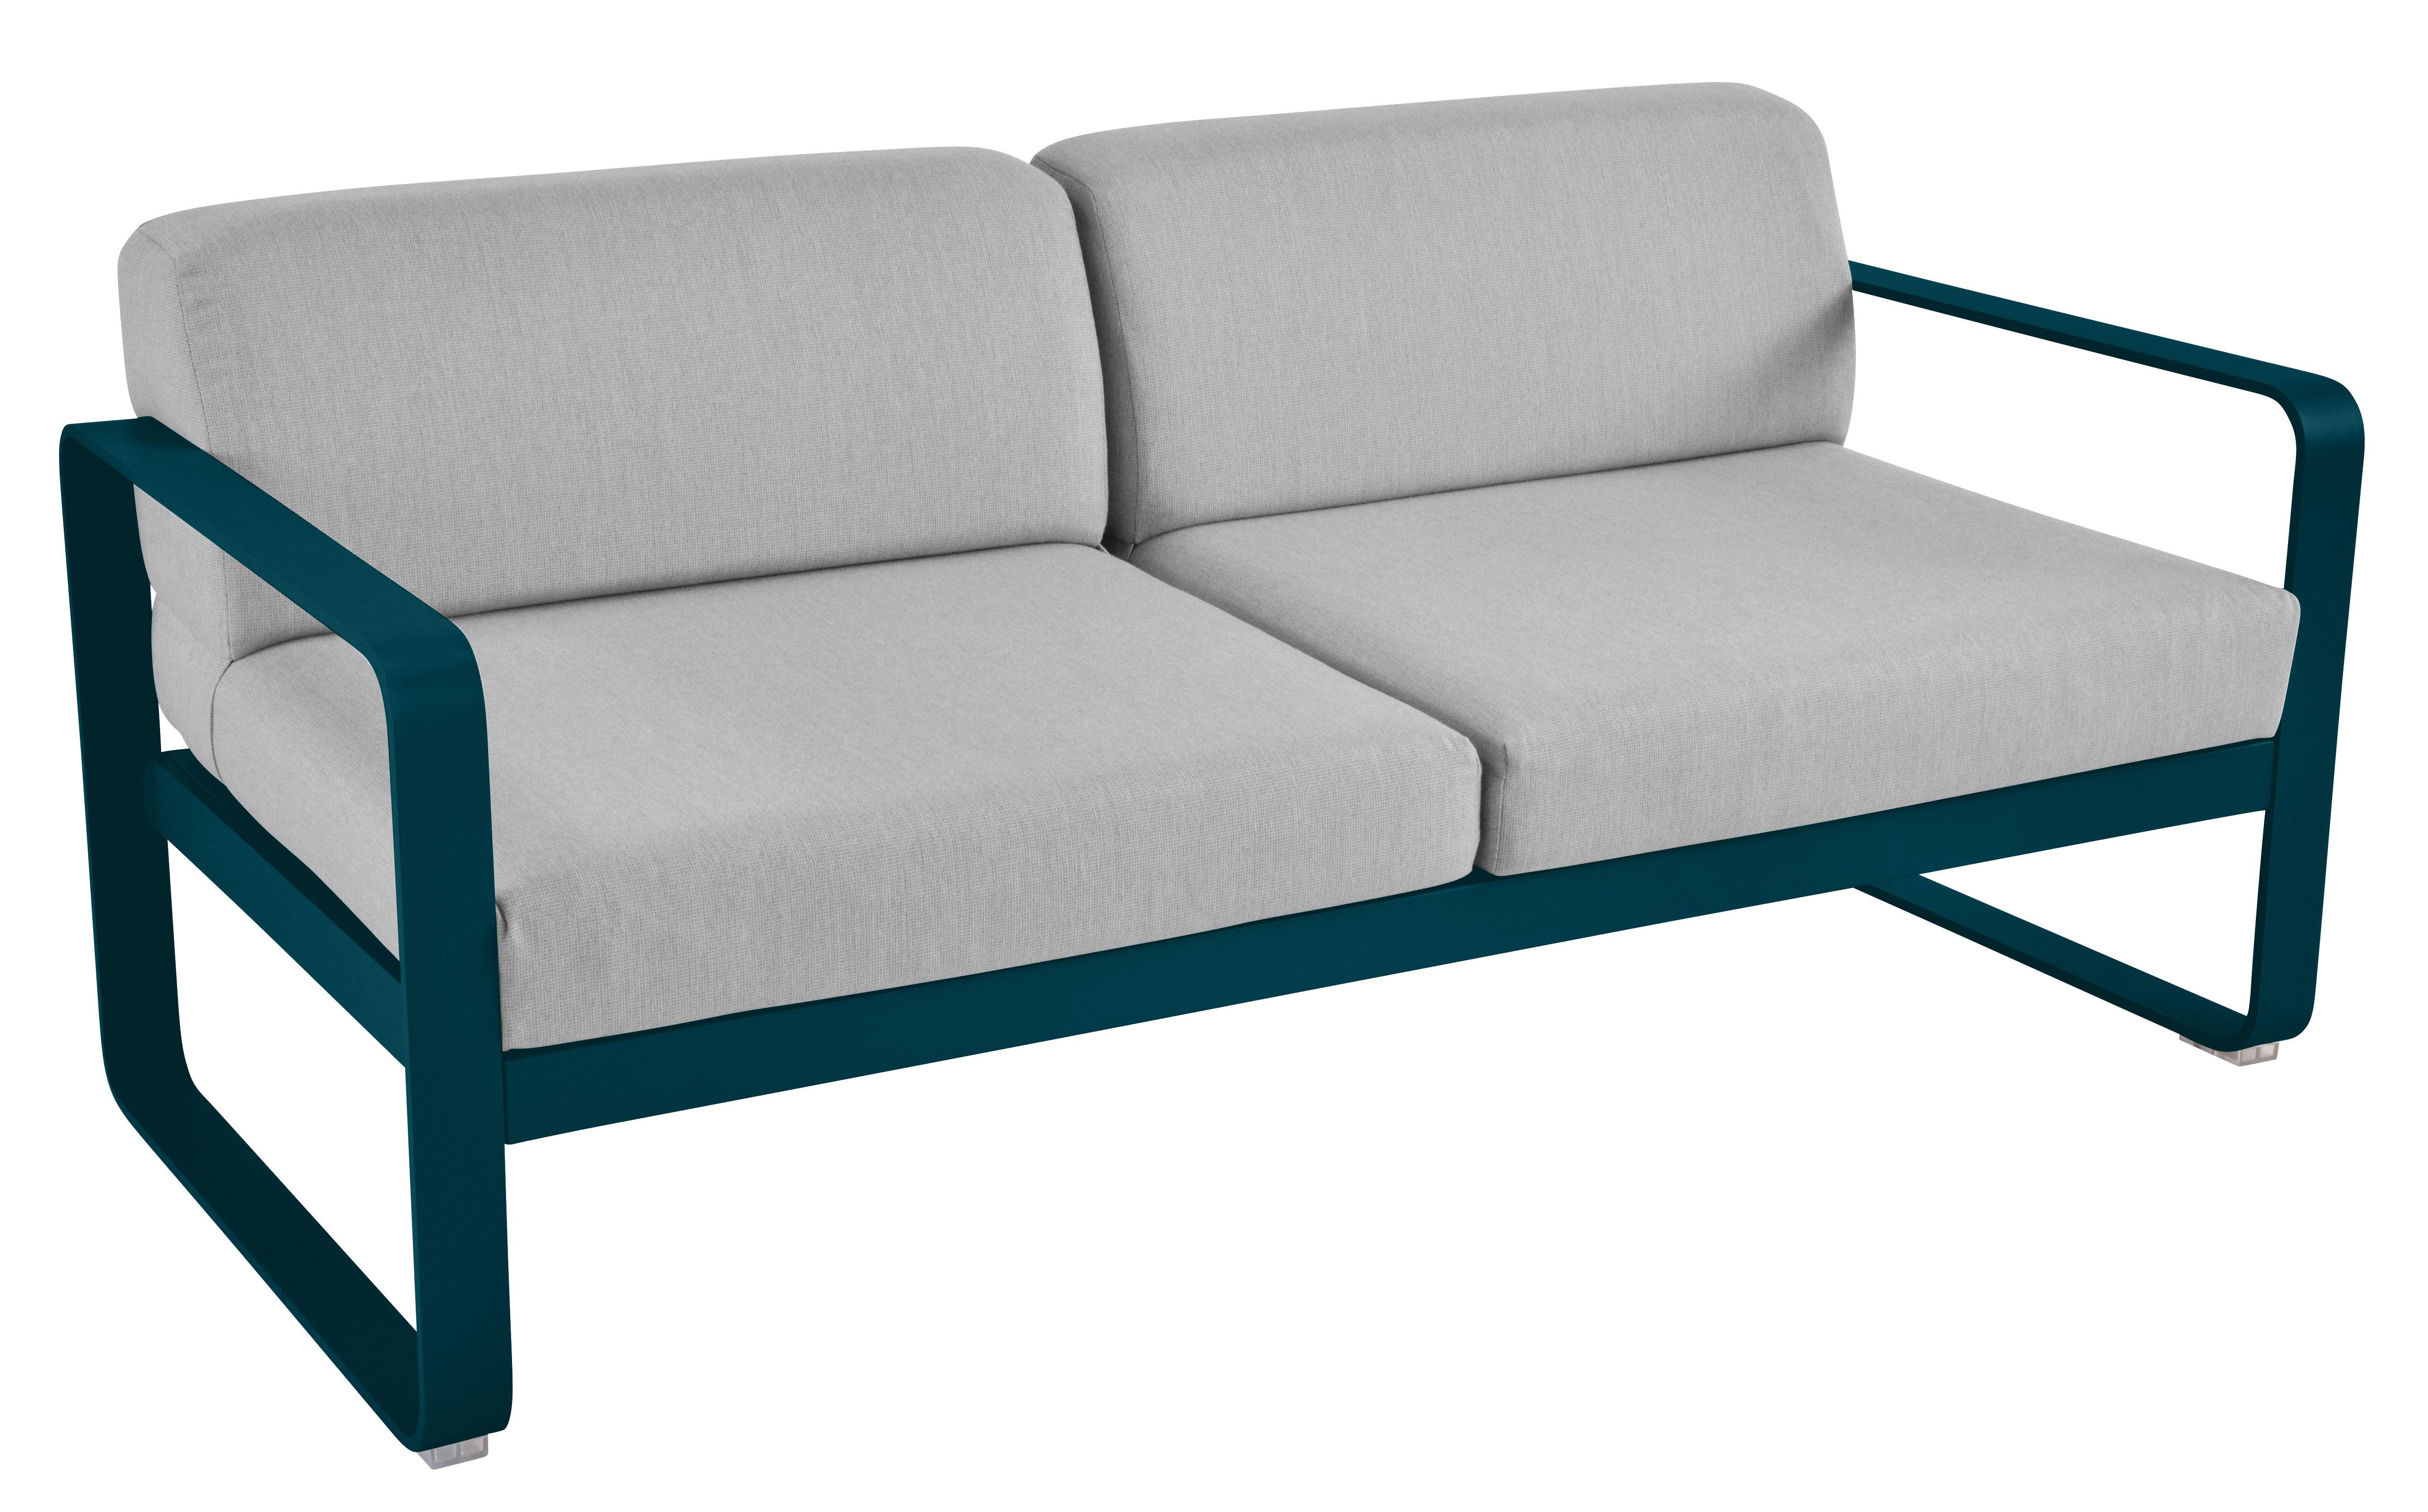 Mobilier - Canapés - Canapé droit Bellevie 2 places / L 160 cm - Tissu gris flanelle - Fermob - Bleu Acapulco / Tissu gris  flanelle - Aluminium laqué, Mousse, Tissu acrylique